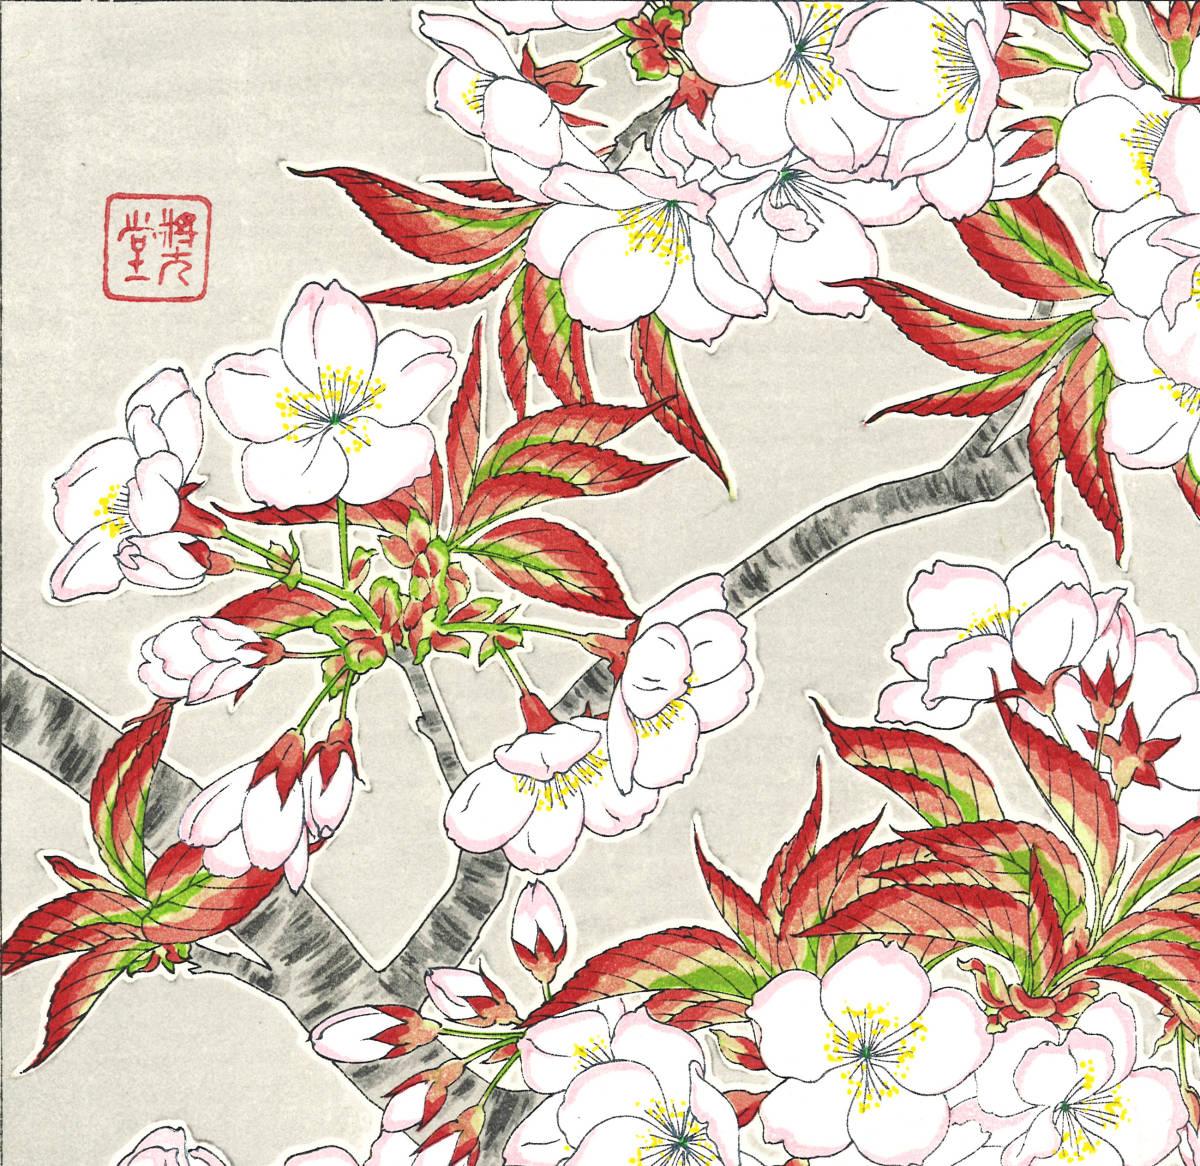 河原崎奨堂 (Kawarazaki Shodo) (1899~1973) 木版画 F020 桜 花版画 (cherry) 初版昭和初期~ 京都の一流の摺師の技をご堪能下さい。_画像9